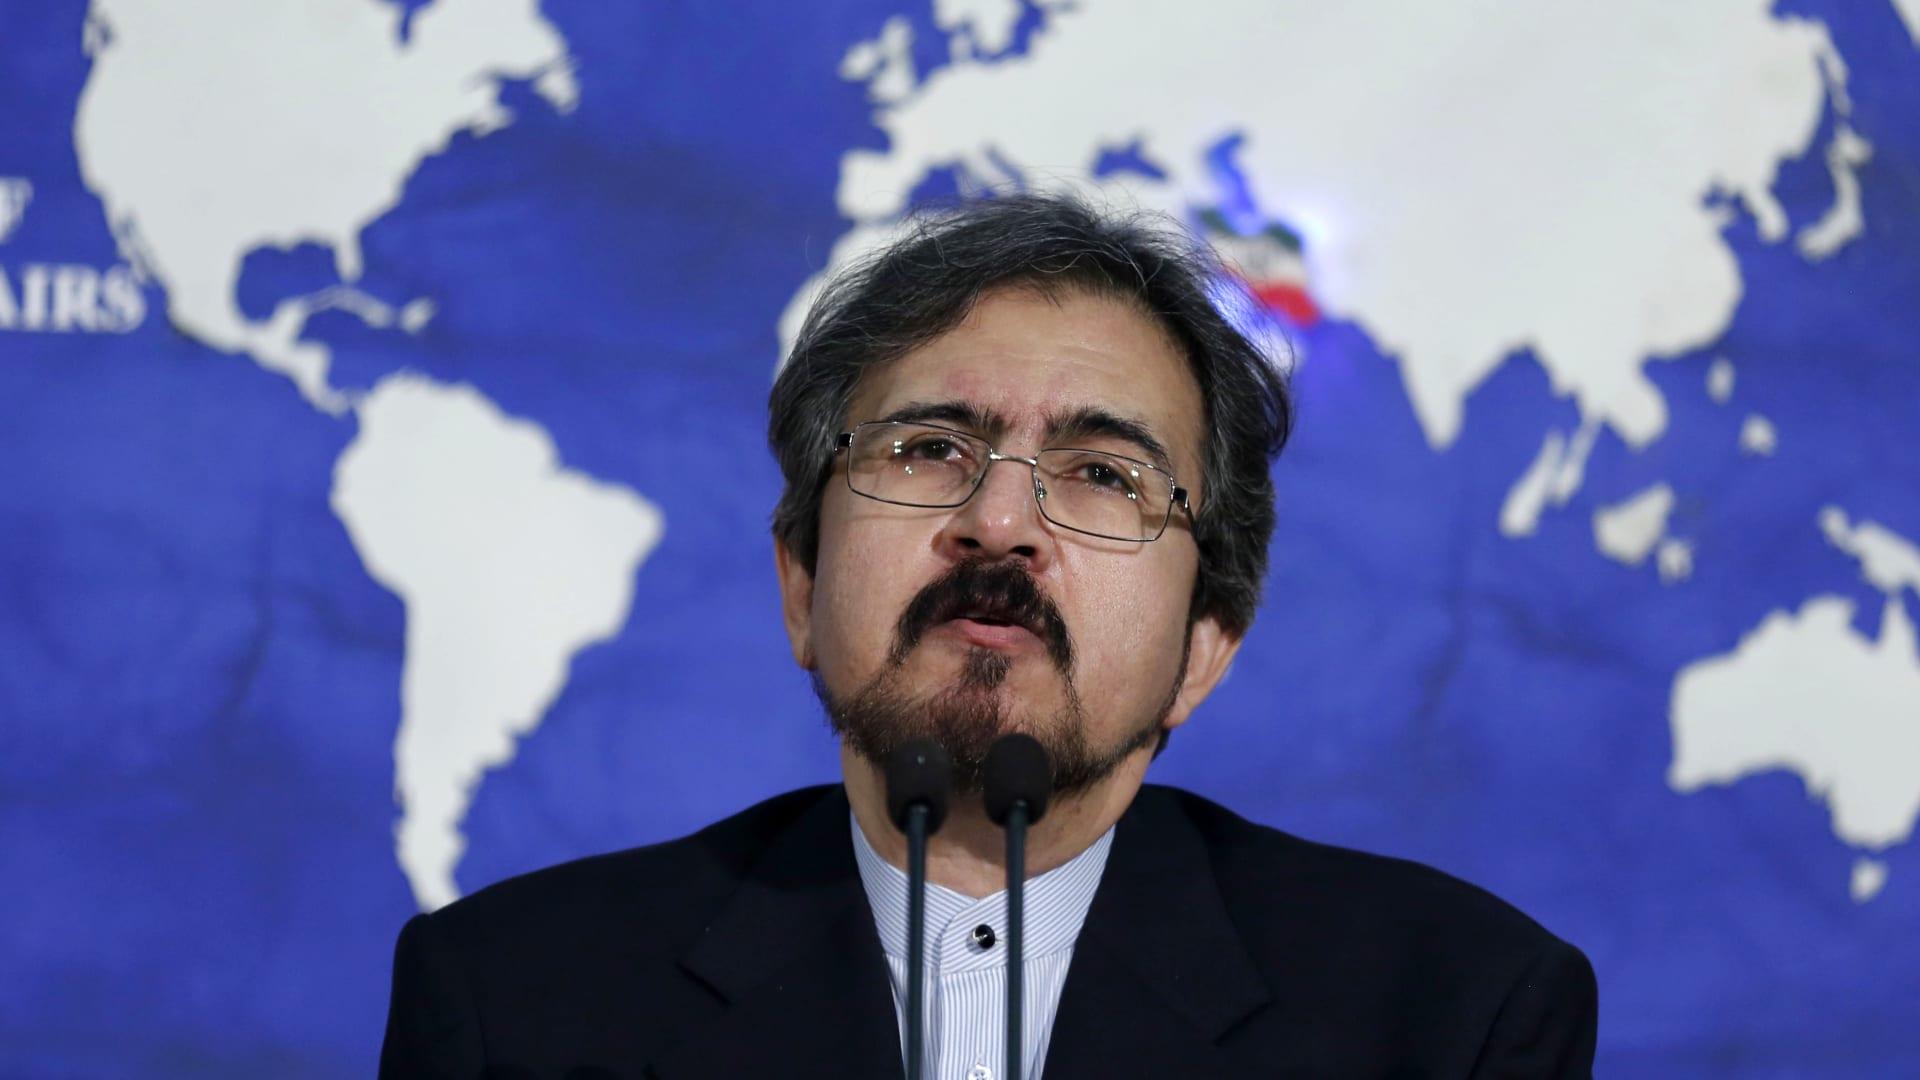 ماتيس لمحمد بن سلمان: سنواصل العمل معا لمحاربة الإرهاب وردع إيران